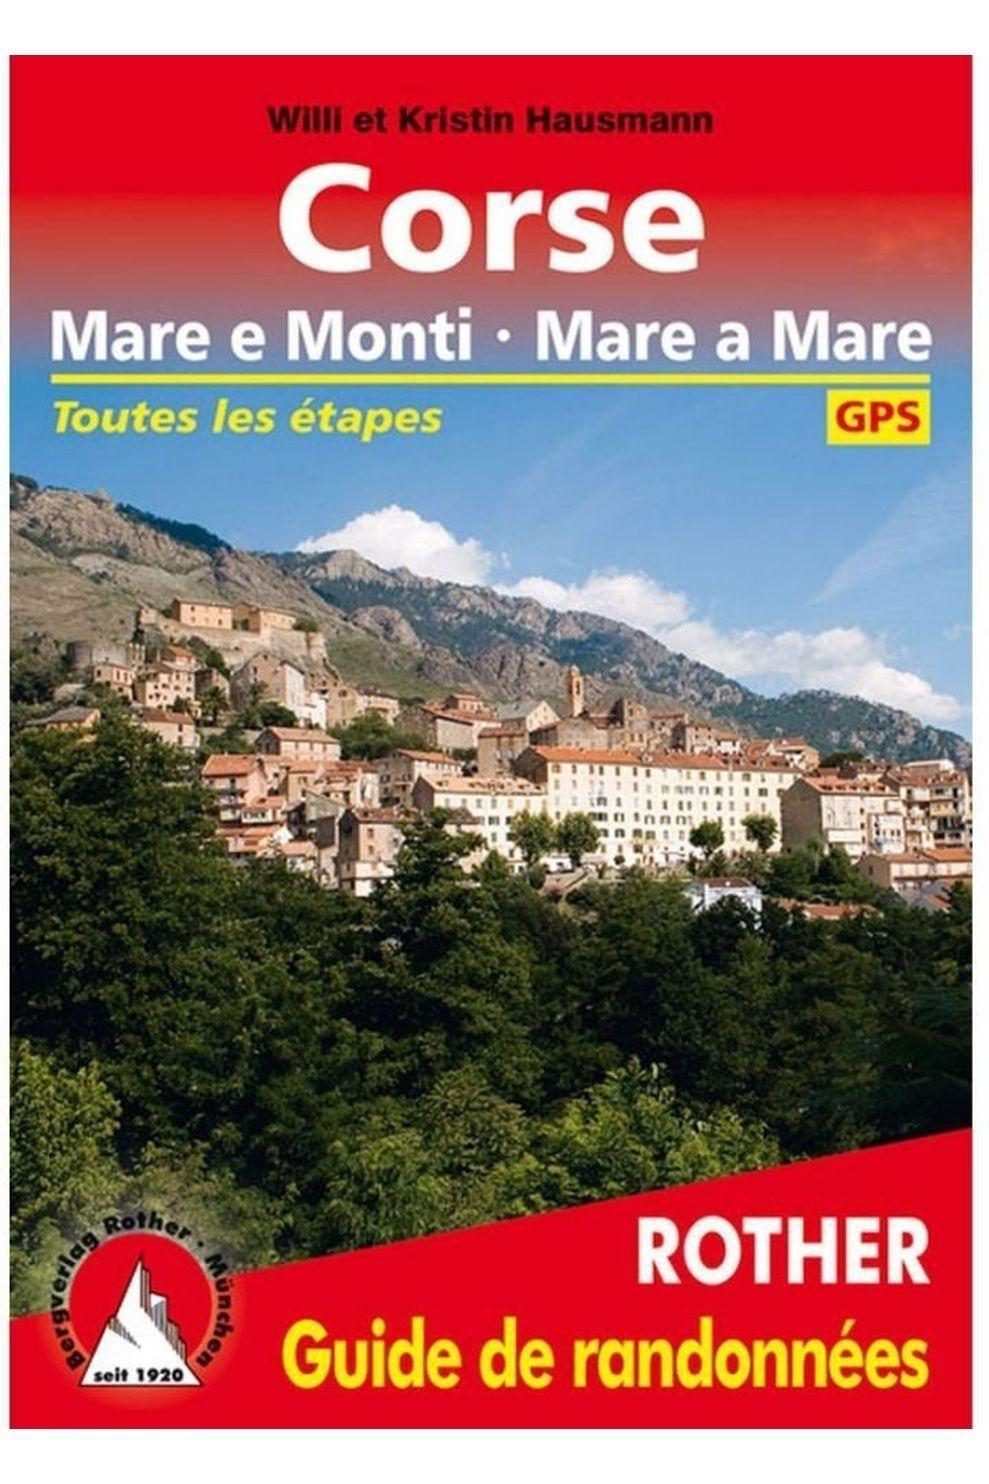 Rother Reisboek Corse - Mare e Monti - Mare a Mare guide rando *2018 - 2019